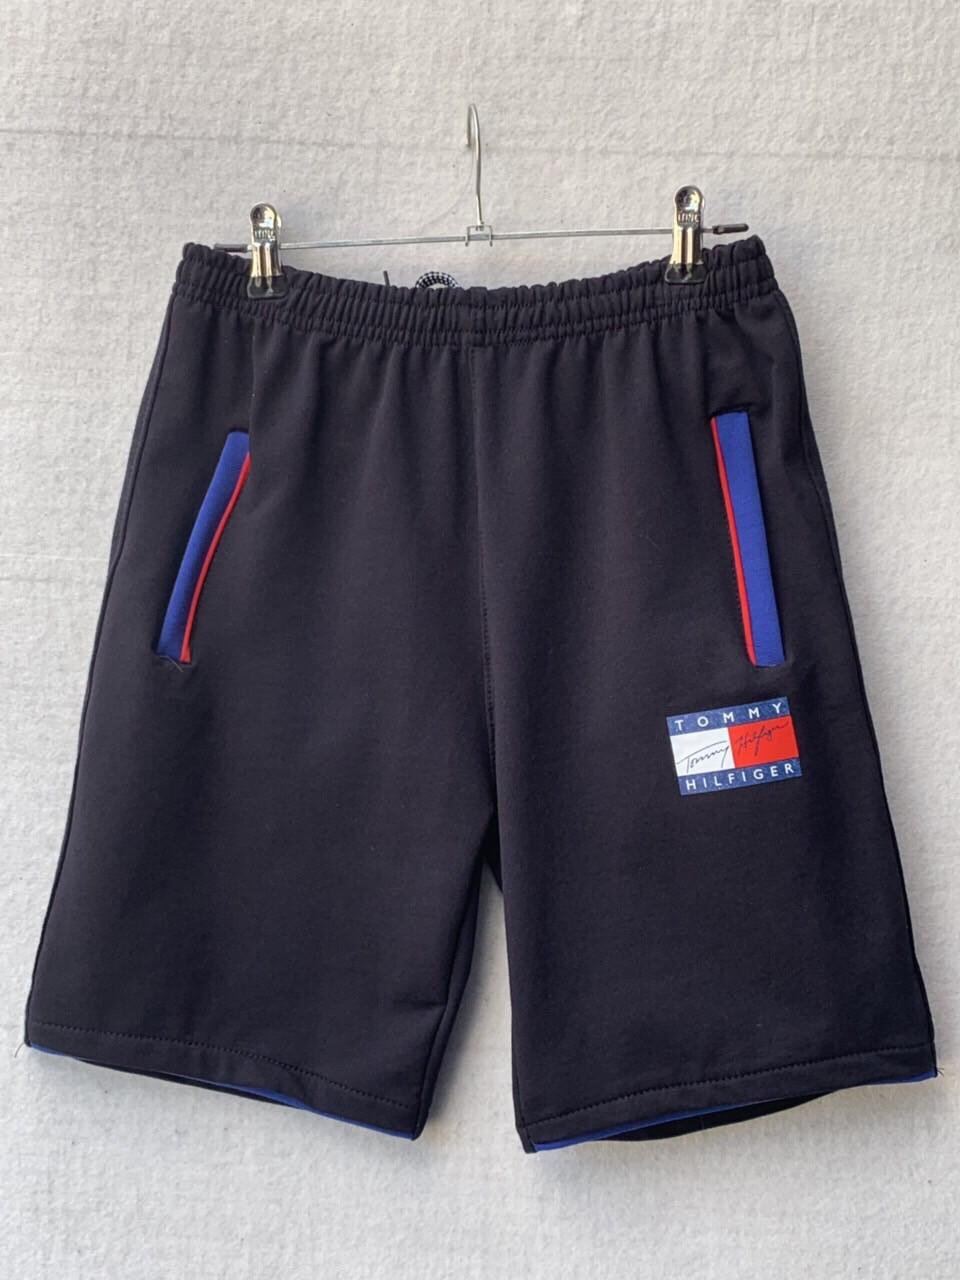 Трикотажные шорты для подростков Юниор (11-15 лет) оптом недорого. Доставка со склада в Одессе(7км.)